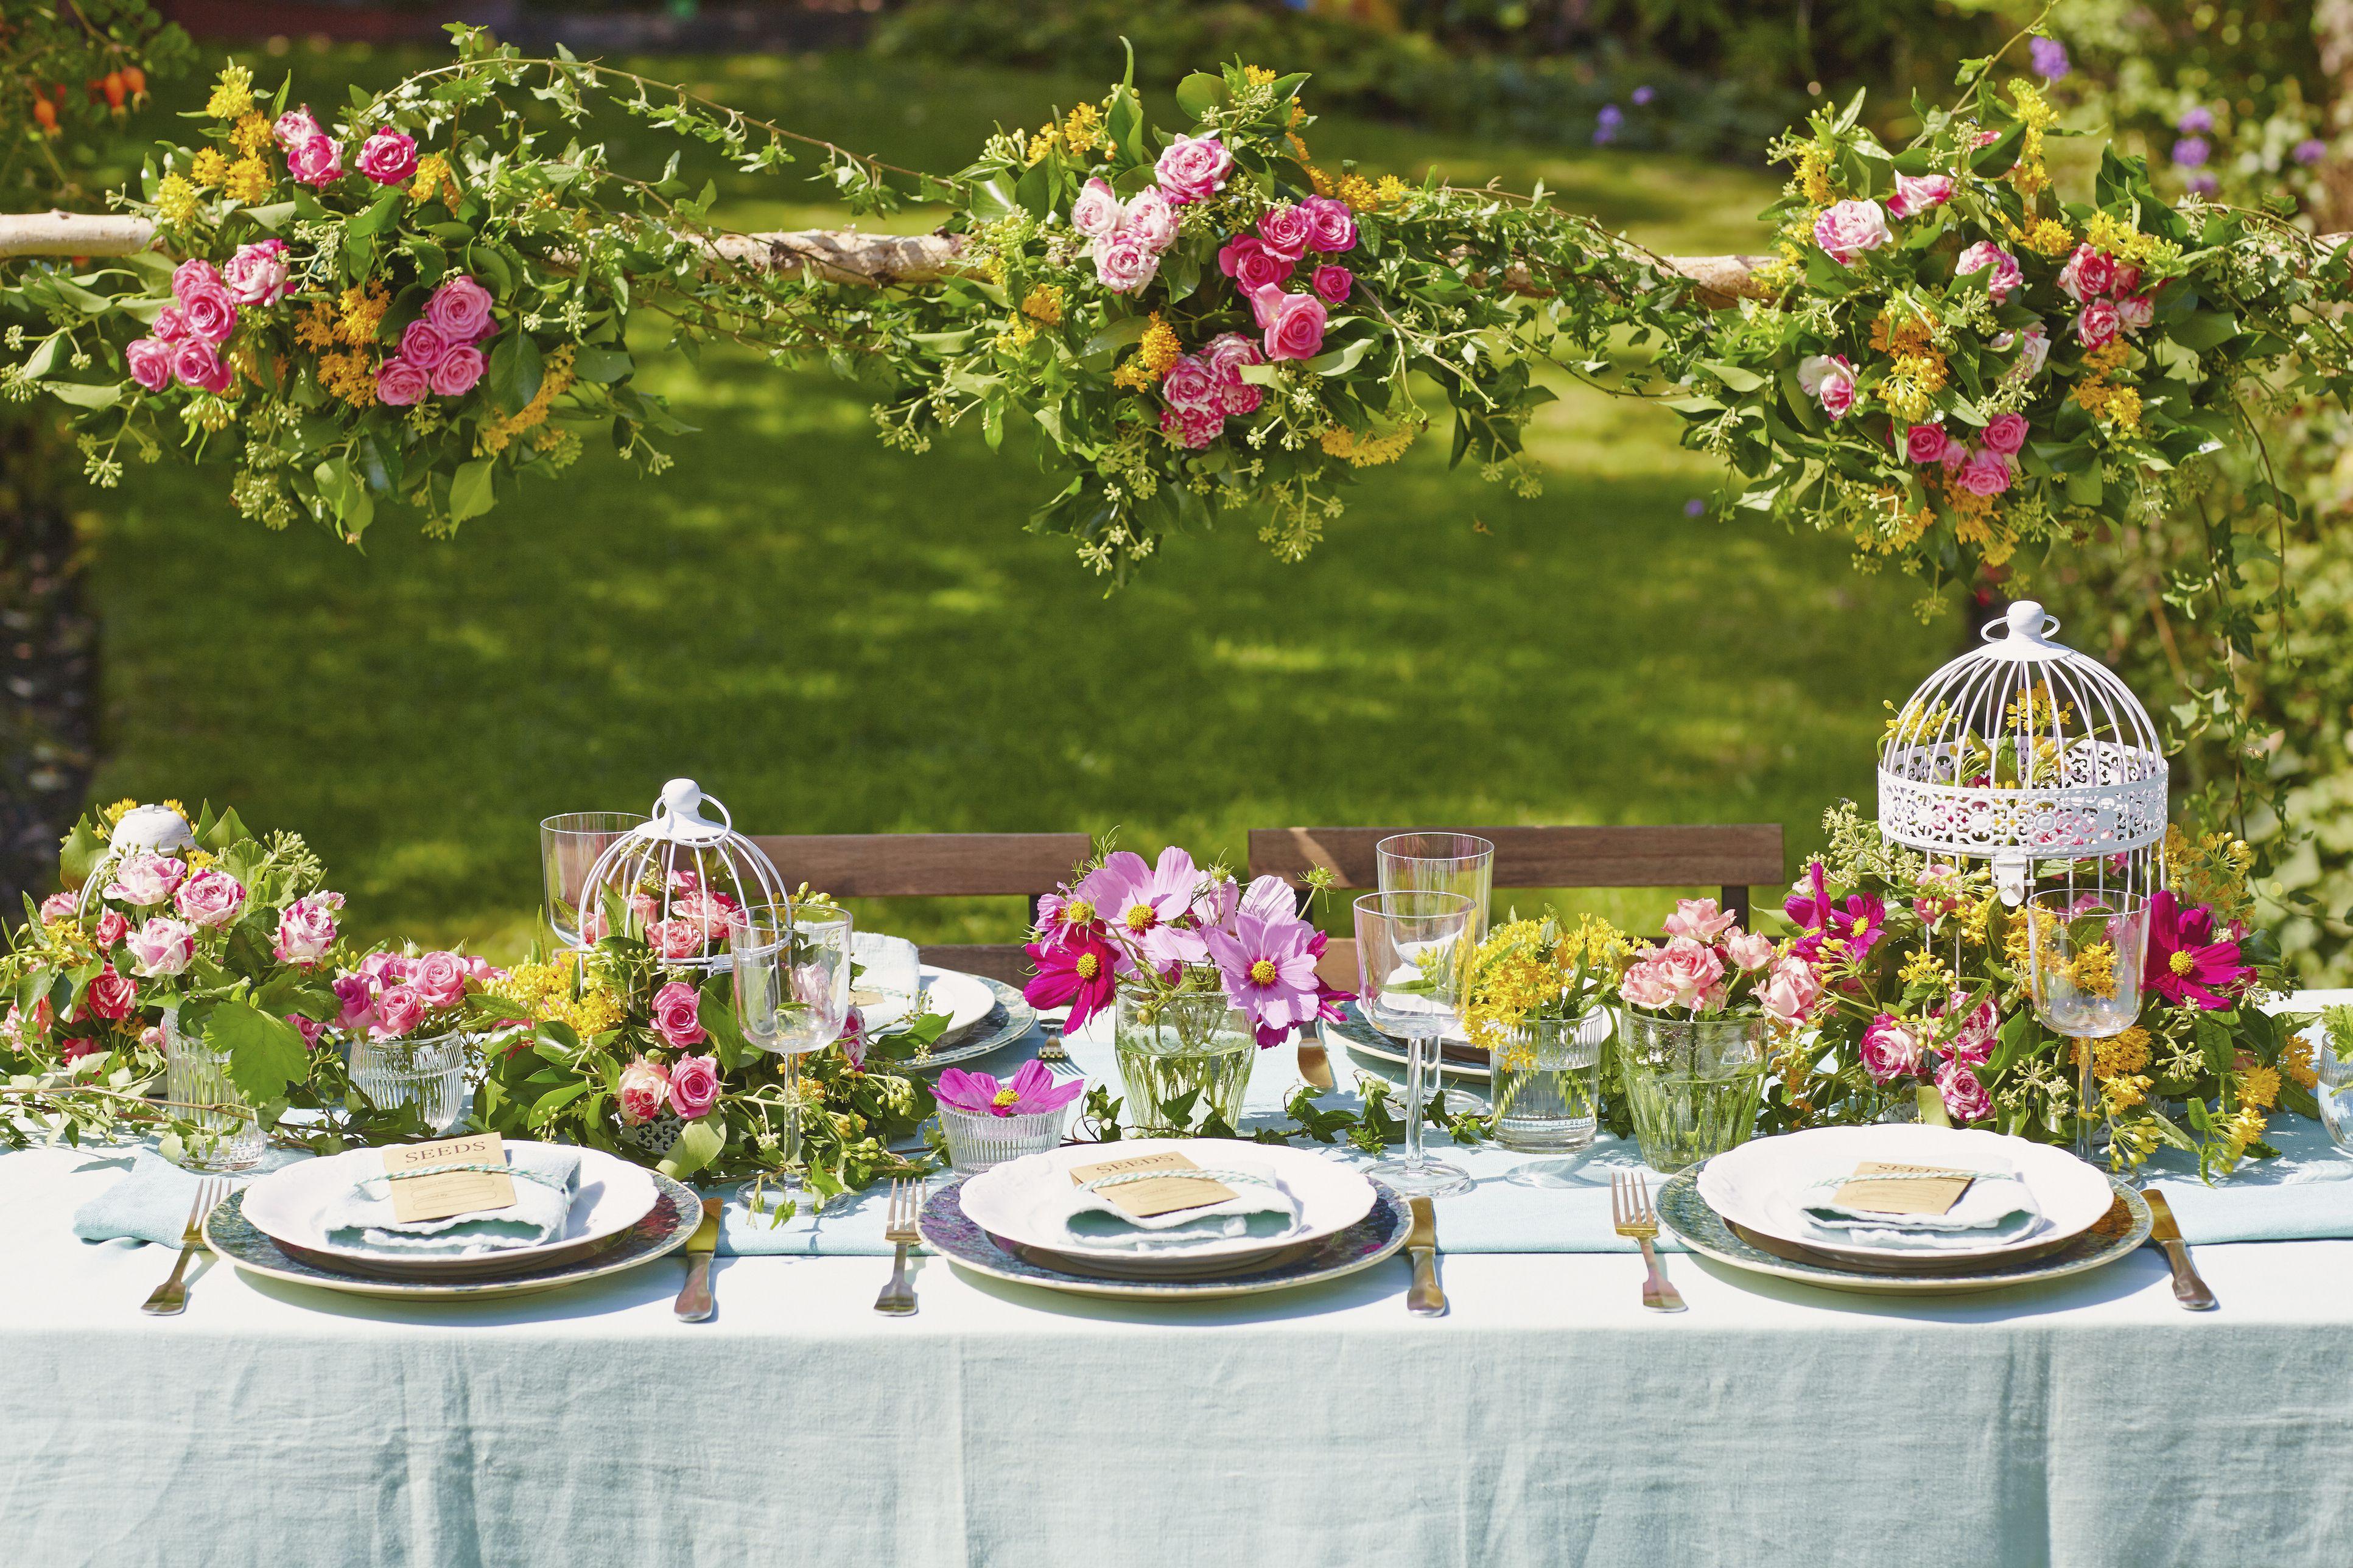 Garden party table setup